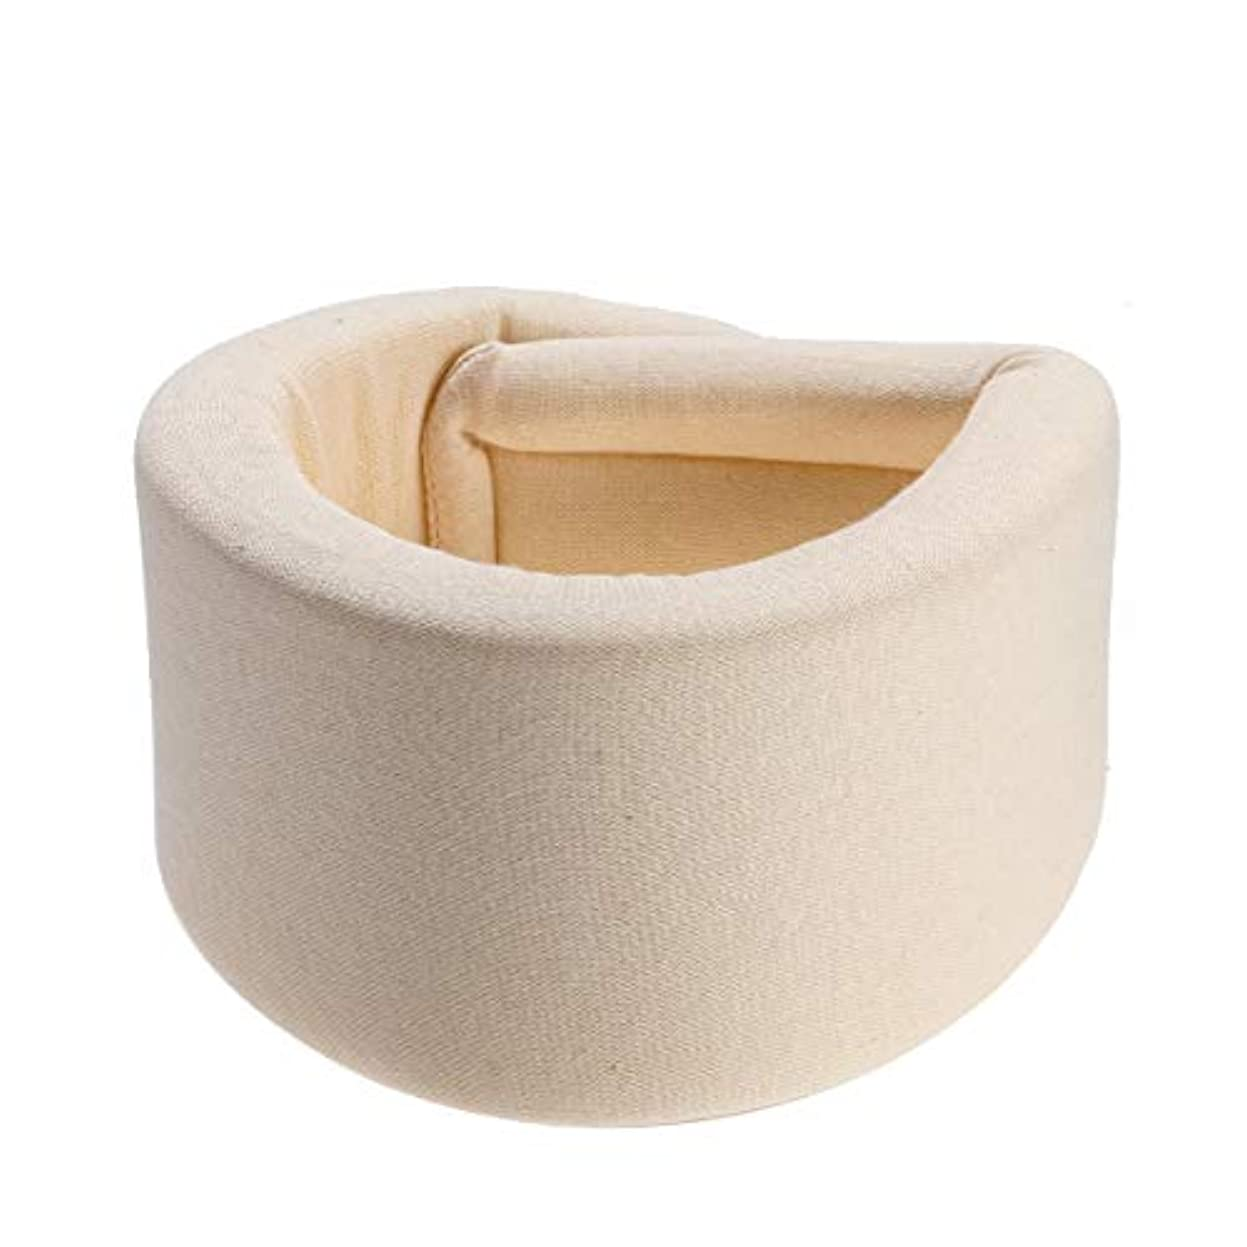 統治するそれる取得するHEALLILY 首装具サポートスポンジ頸部襟首の痛みを防ぐネックケア姿勢矯正器具(ベージュ) - サイズL